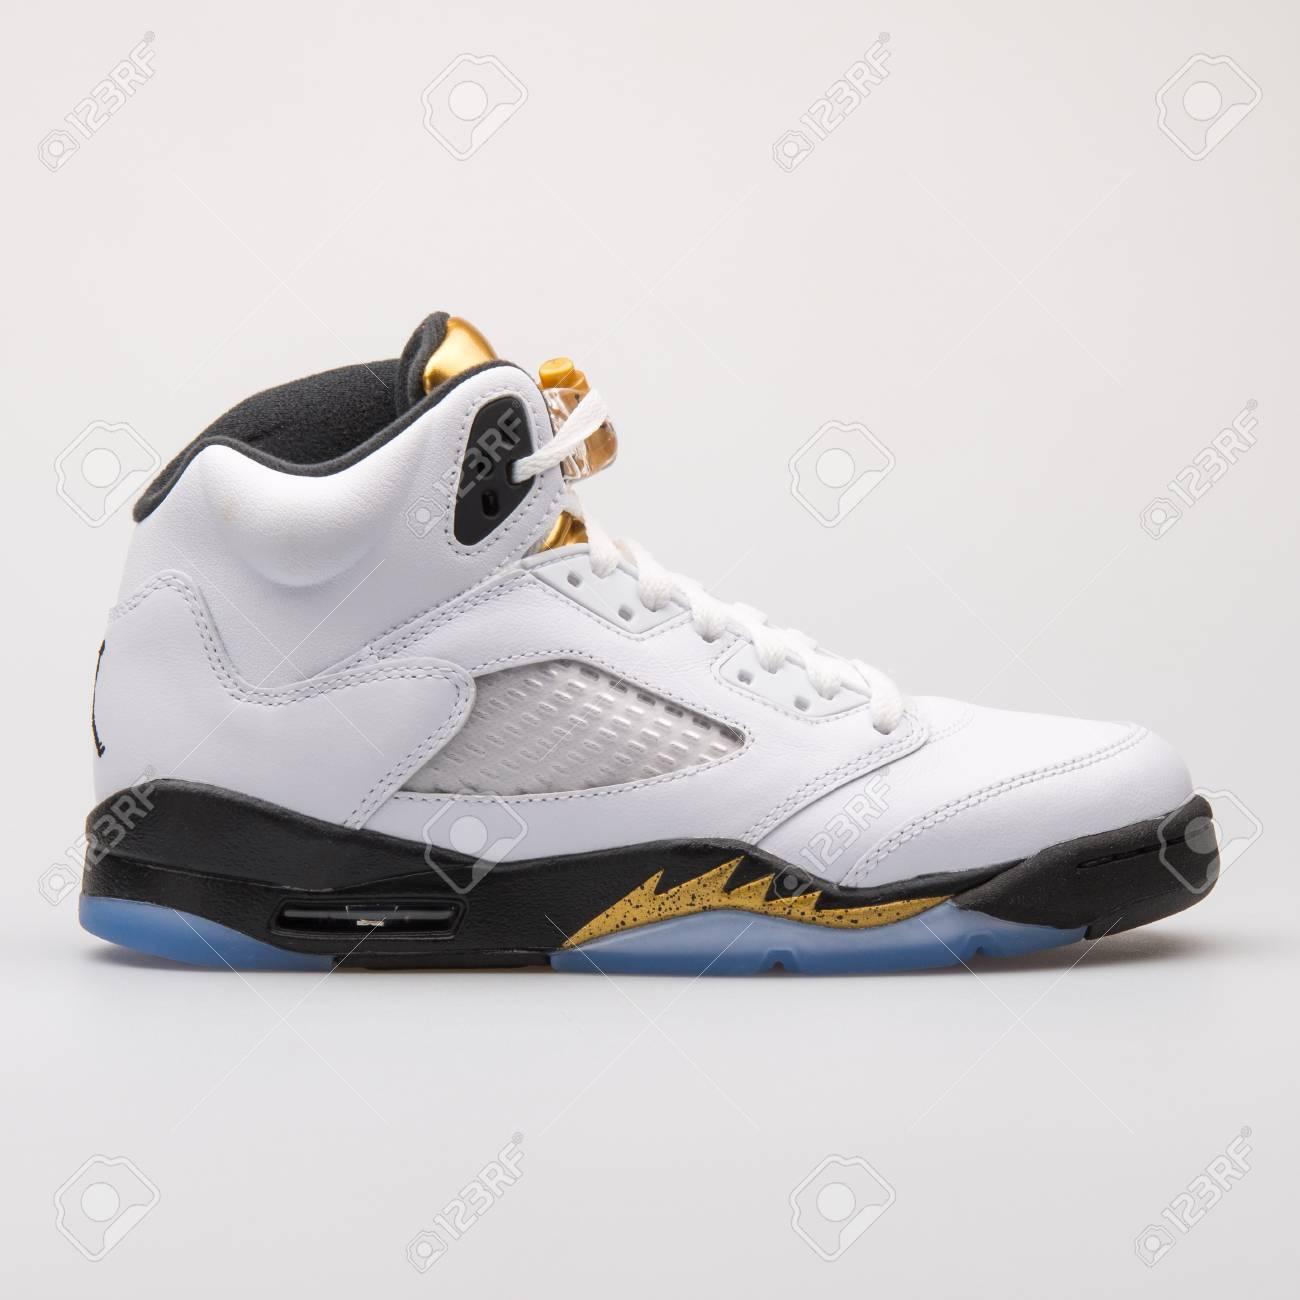 2017: Nike Air Jordan 5 Retro BG White